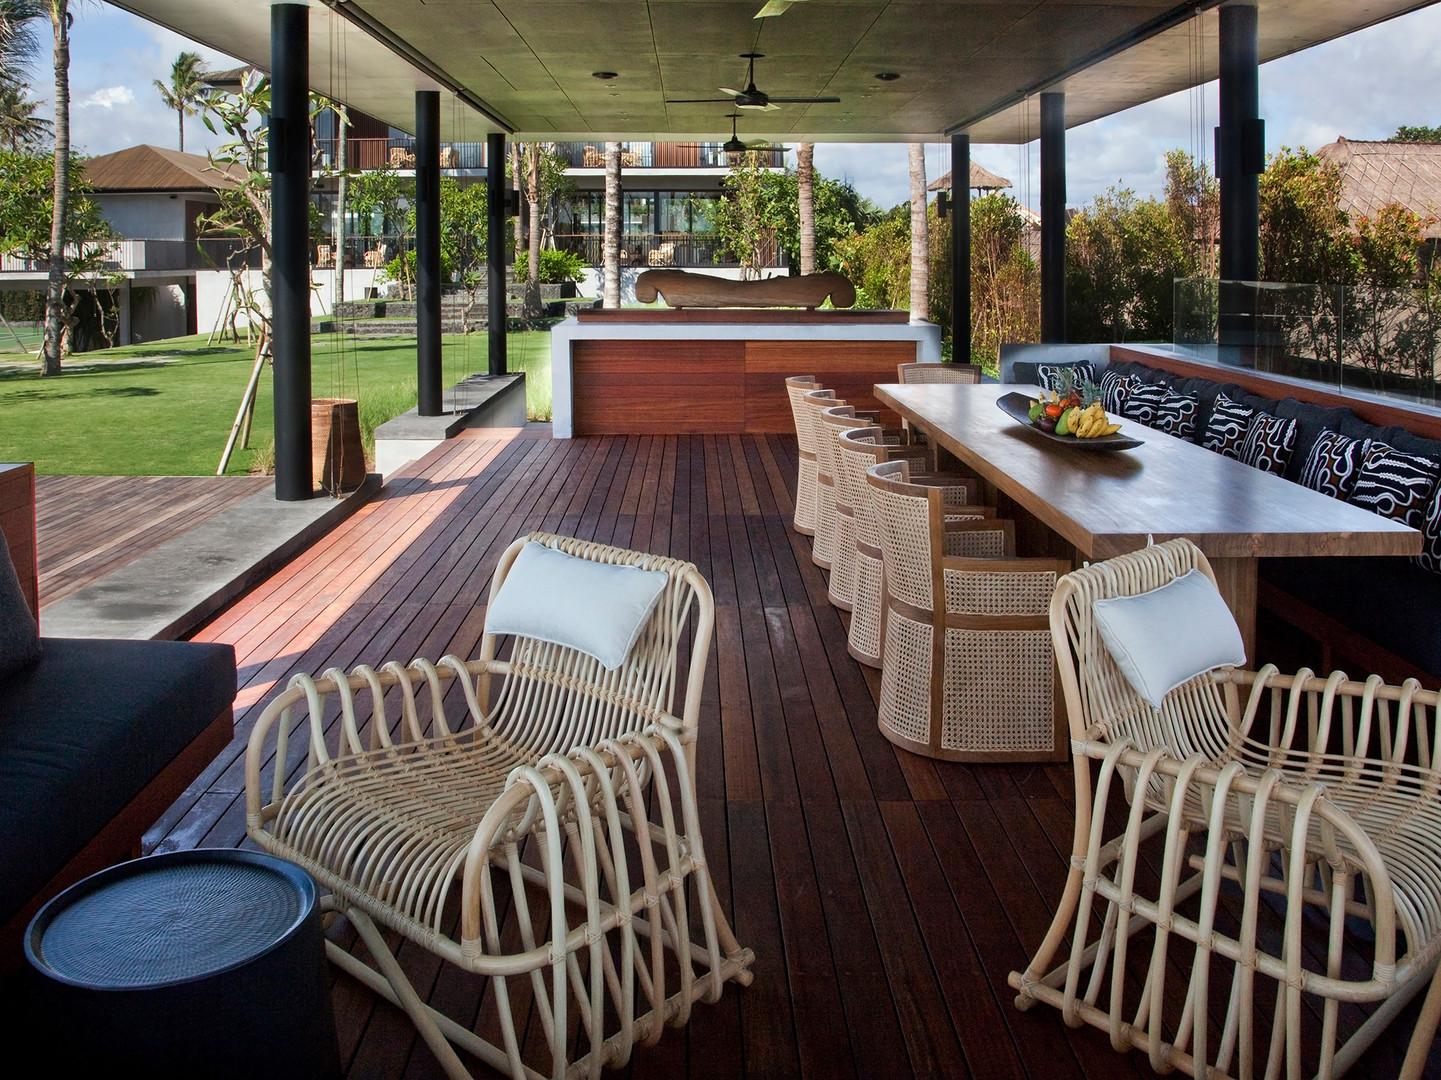 05-Arnalaya Beach House - Pool bale.jpg